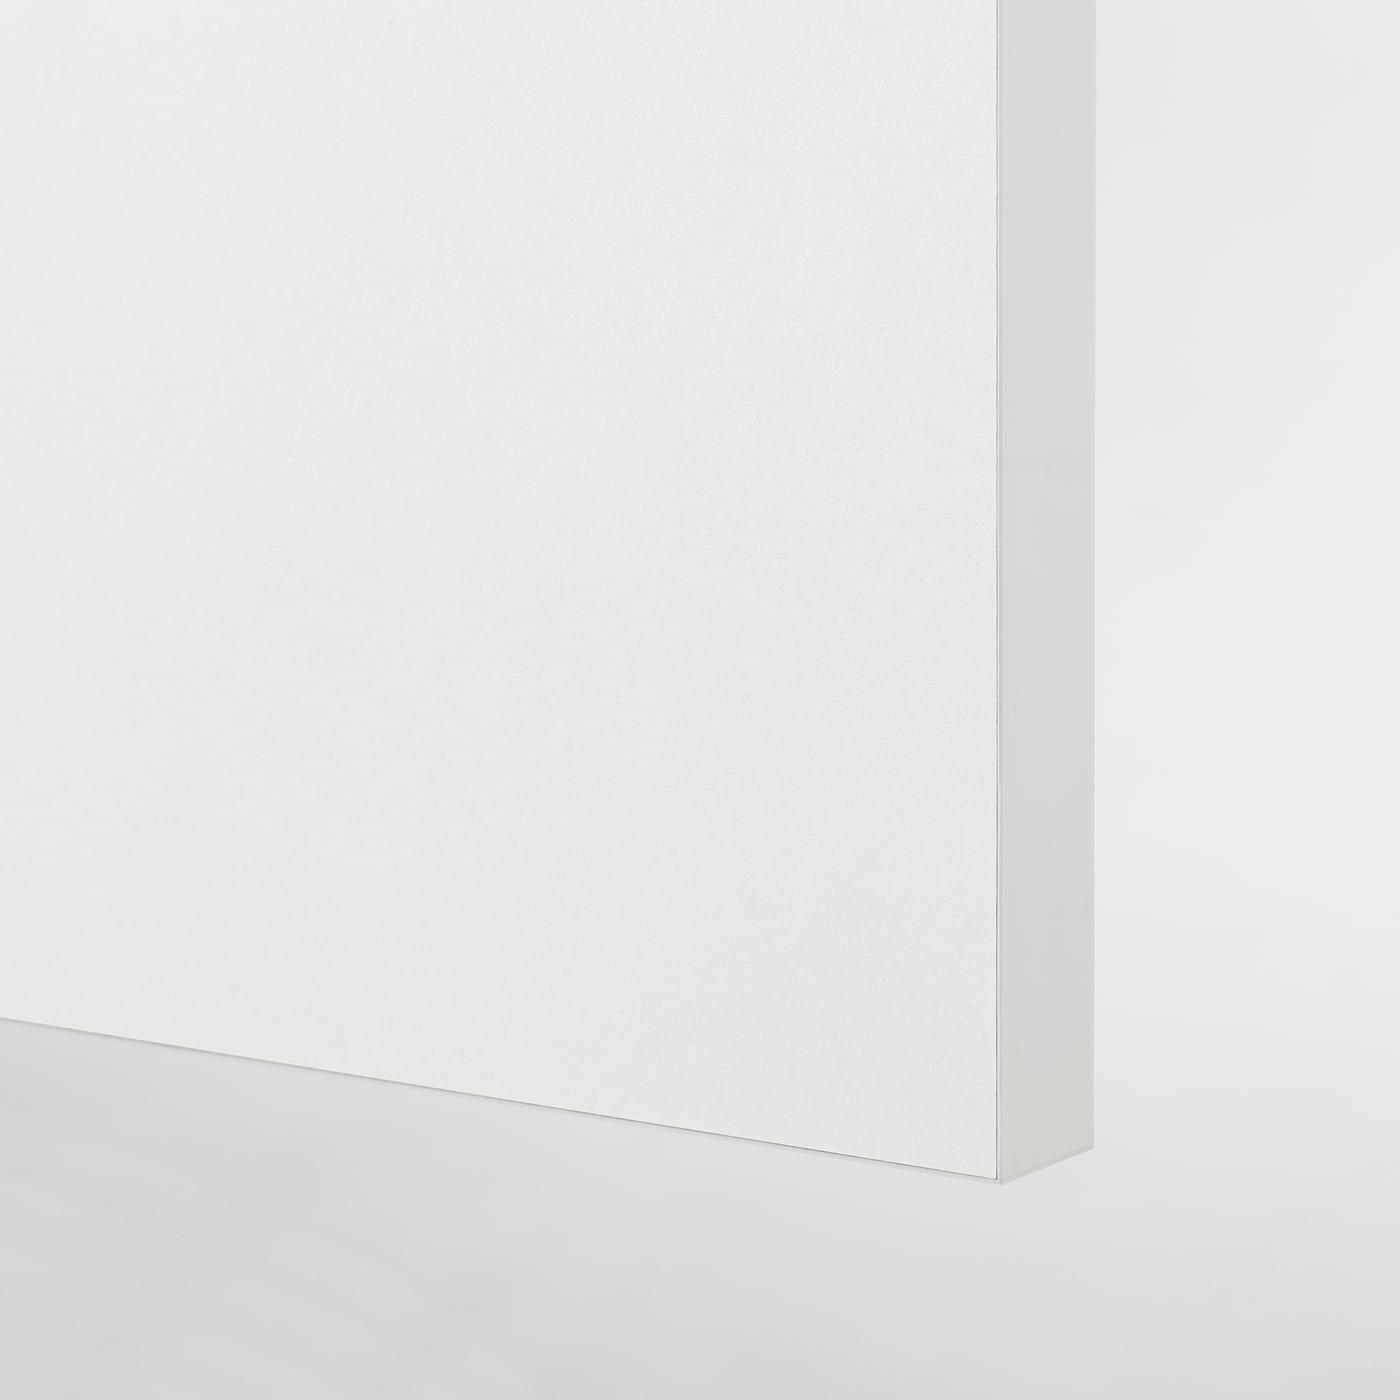 Full Size of Stöpsel Spüle Bauhaus 64 Besten Bilder Von Kitchen In 2020 Metod Unterschrank Küche Fenster Wohnzimmer Stöpsel Spüle Bauhaus